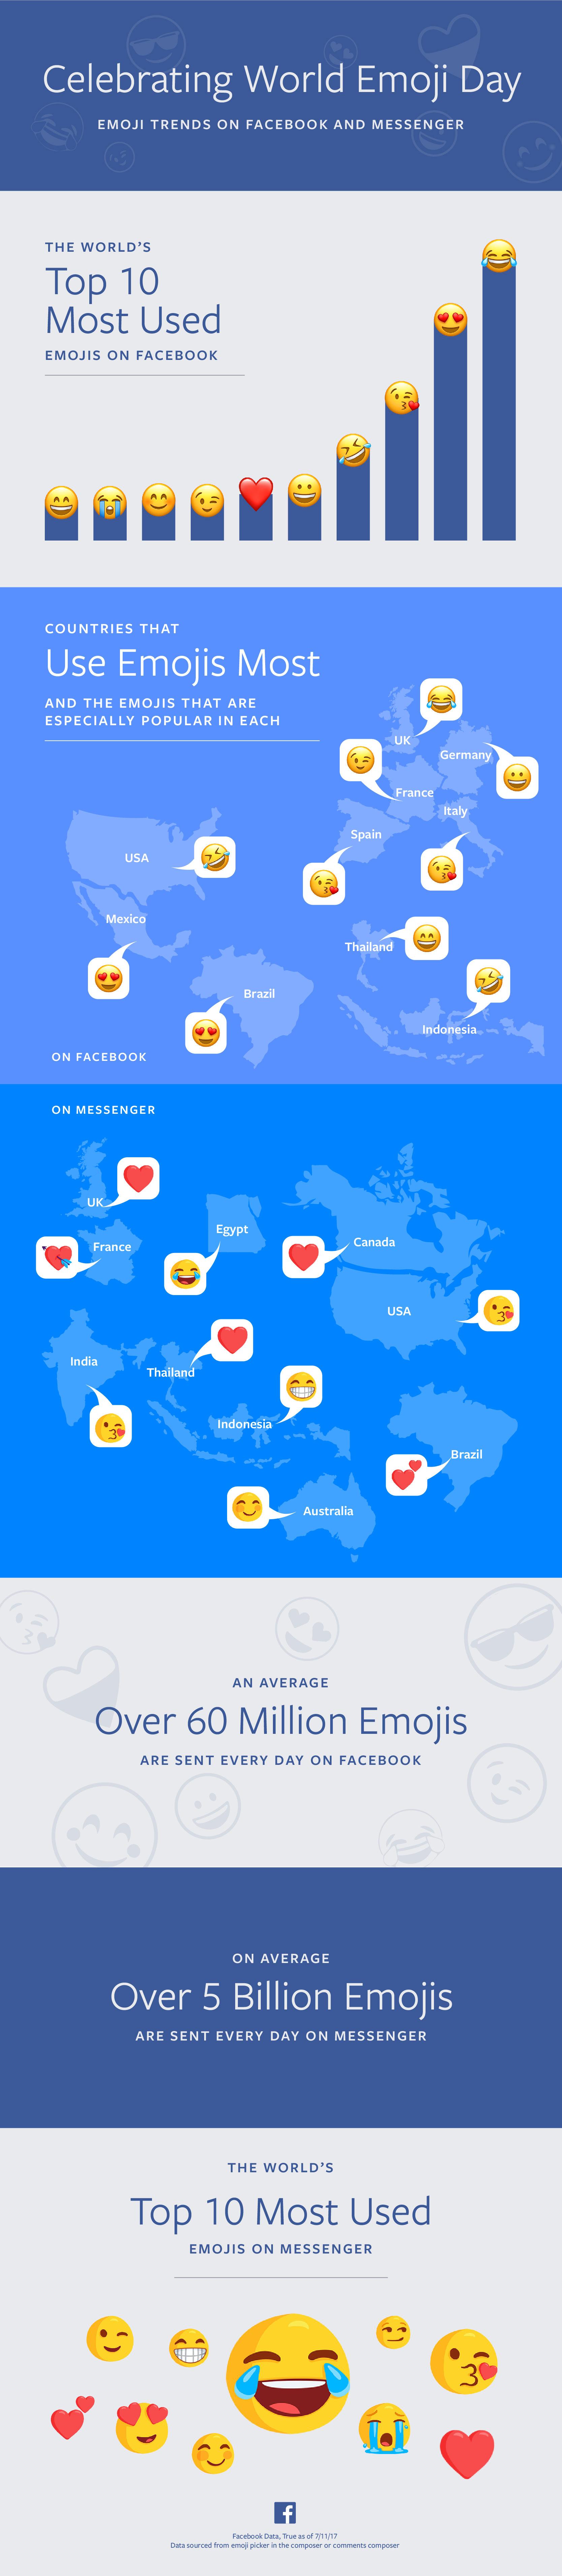 Facebook-World-Emoji-Day-Infographic